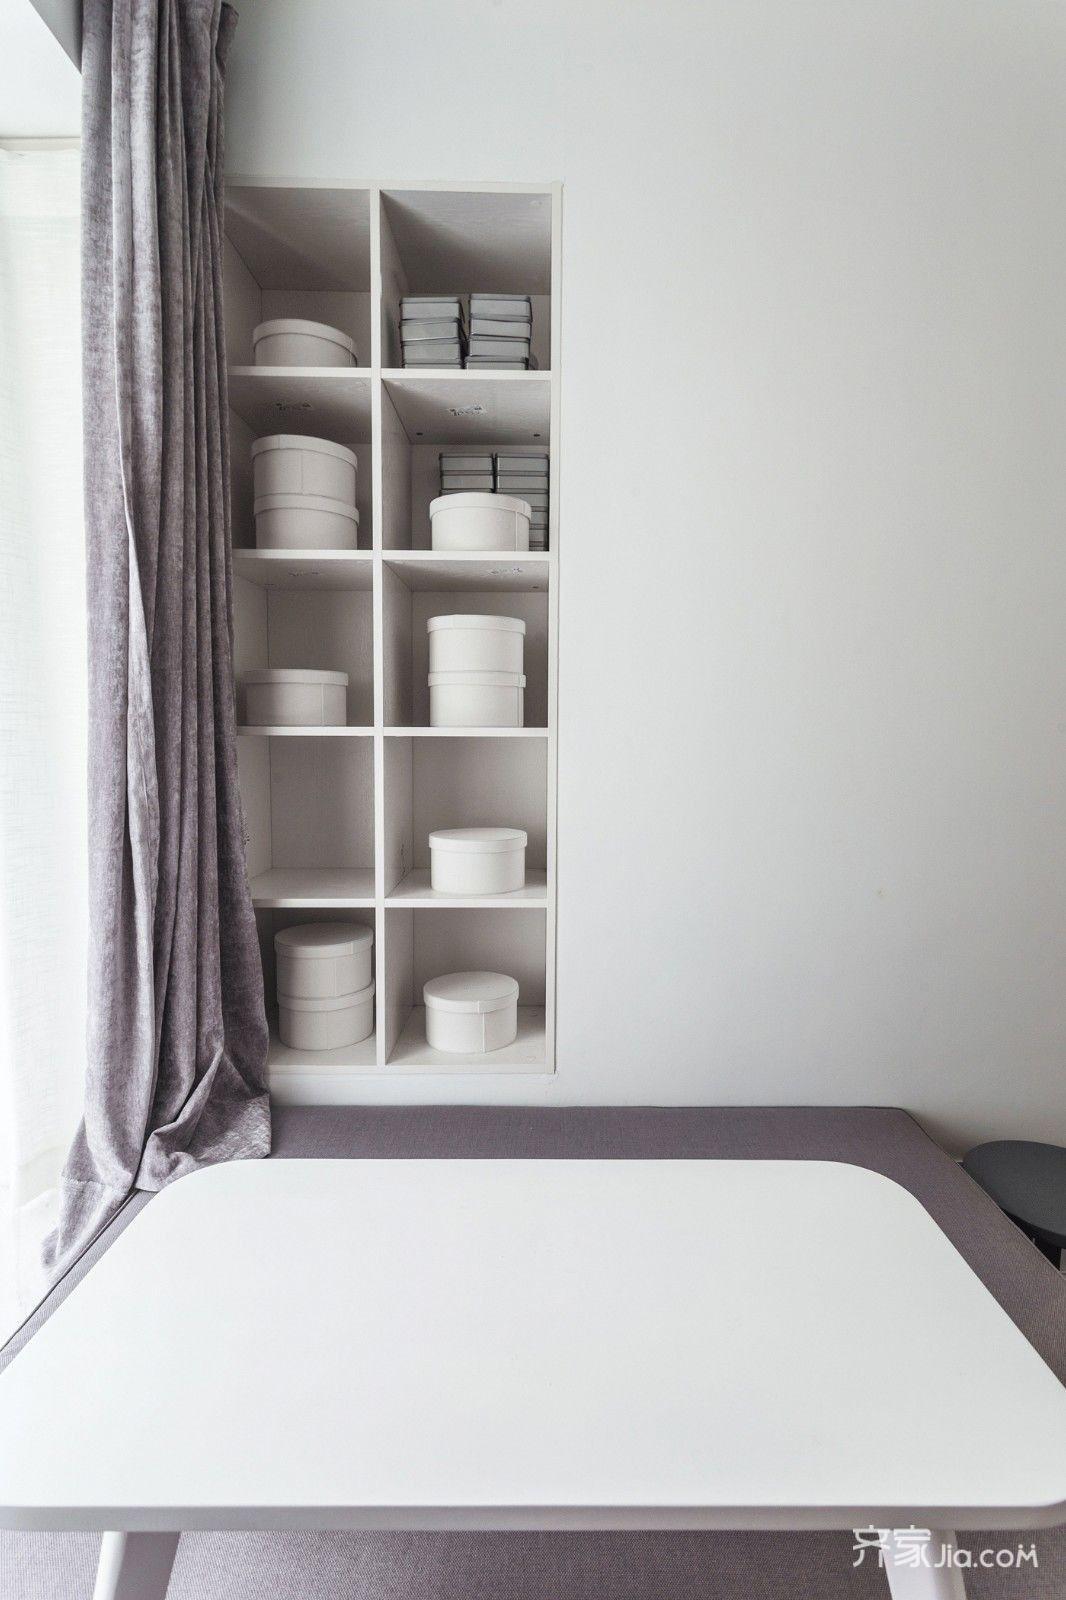 榻榻米也没用常见的米黄色而做了白色 黑色,蓝灰色线条的家具相配下图片